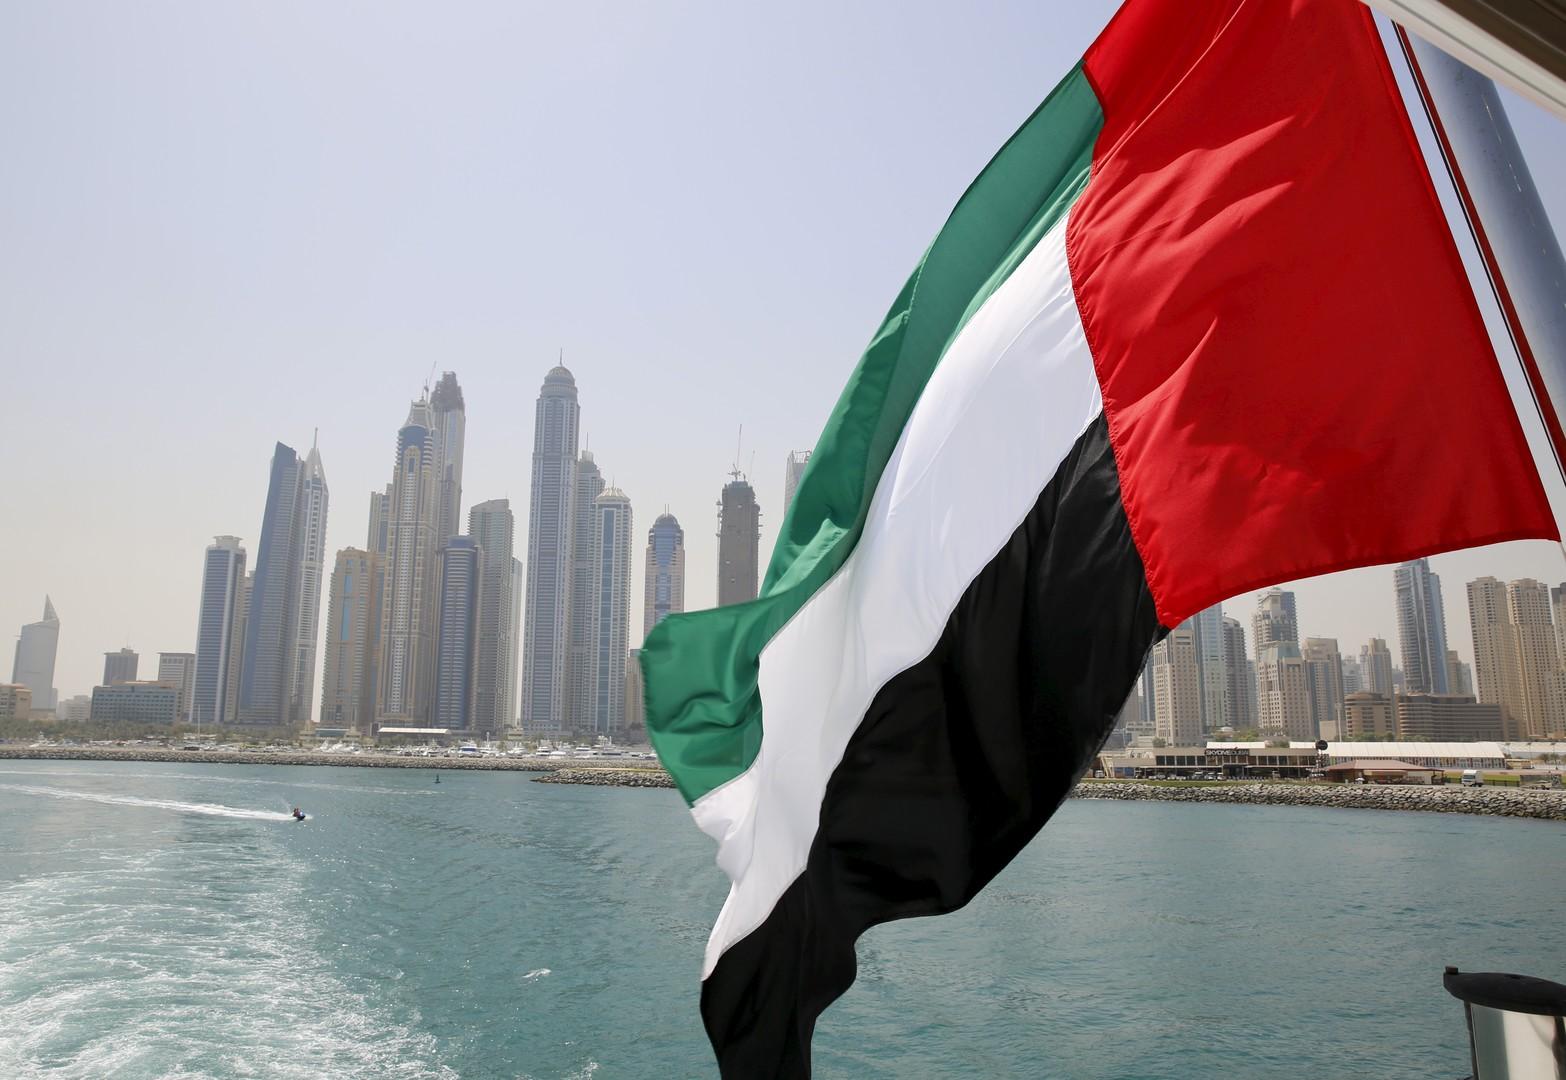 الإمارات.. السجن المؤبد لـ 4 متهمين لصلاتهم بـ